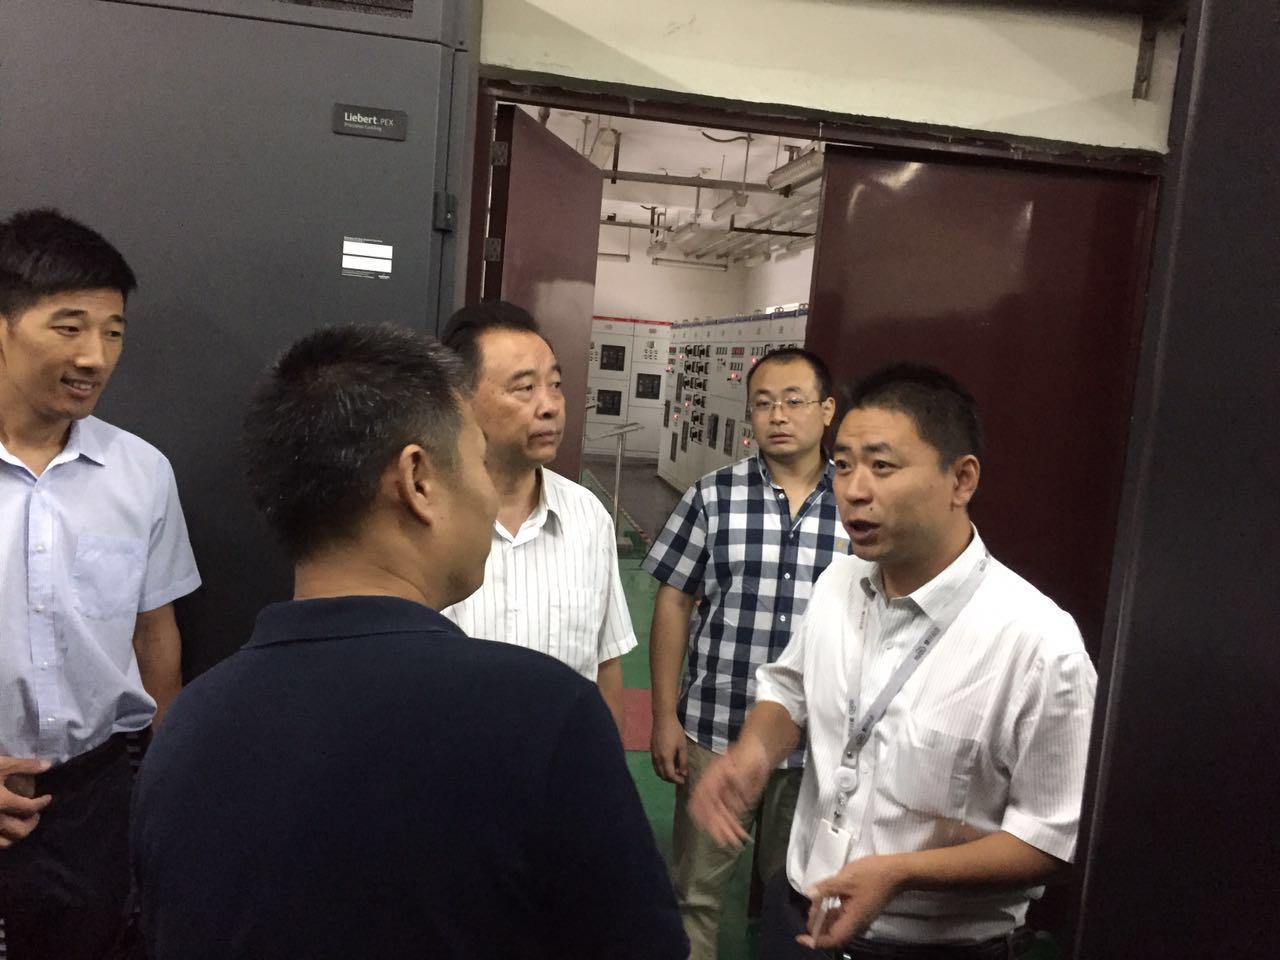 河北商务局领导莅临参观河北万博官网man手机登陆信息技术有限公司